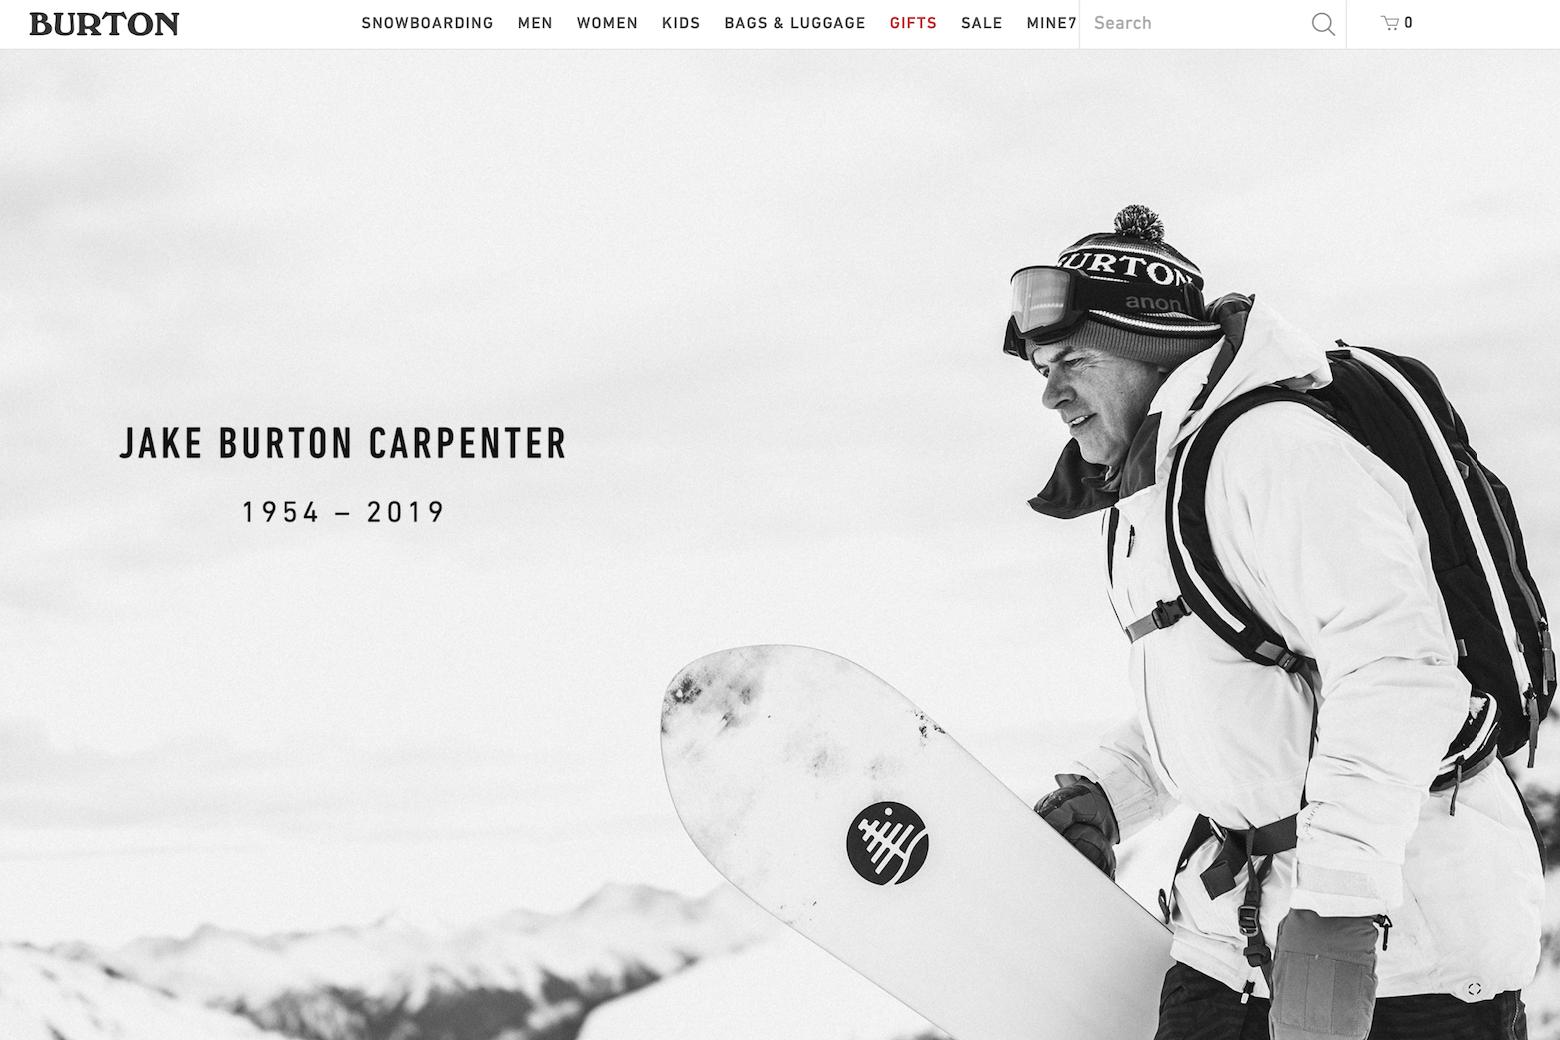 单板滑雪灵魂人物 Jake Burton Carpenter 因病去世,享年65岁